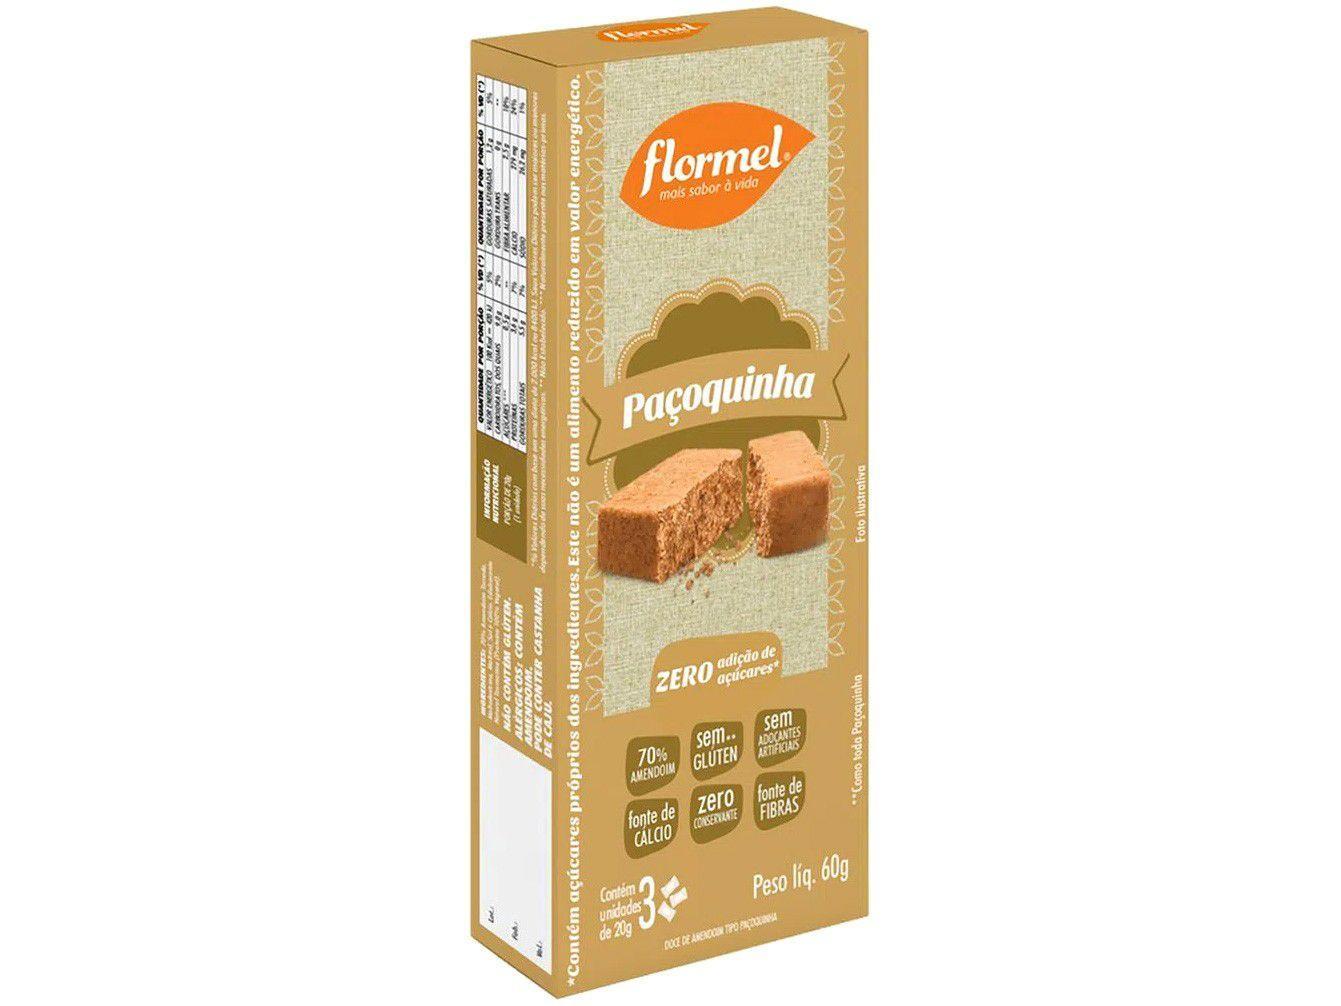 Paçoca Tablete Tradicional Flormel Zero Açúcar 60g